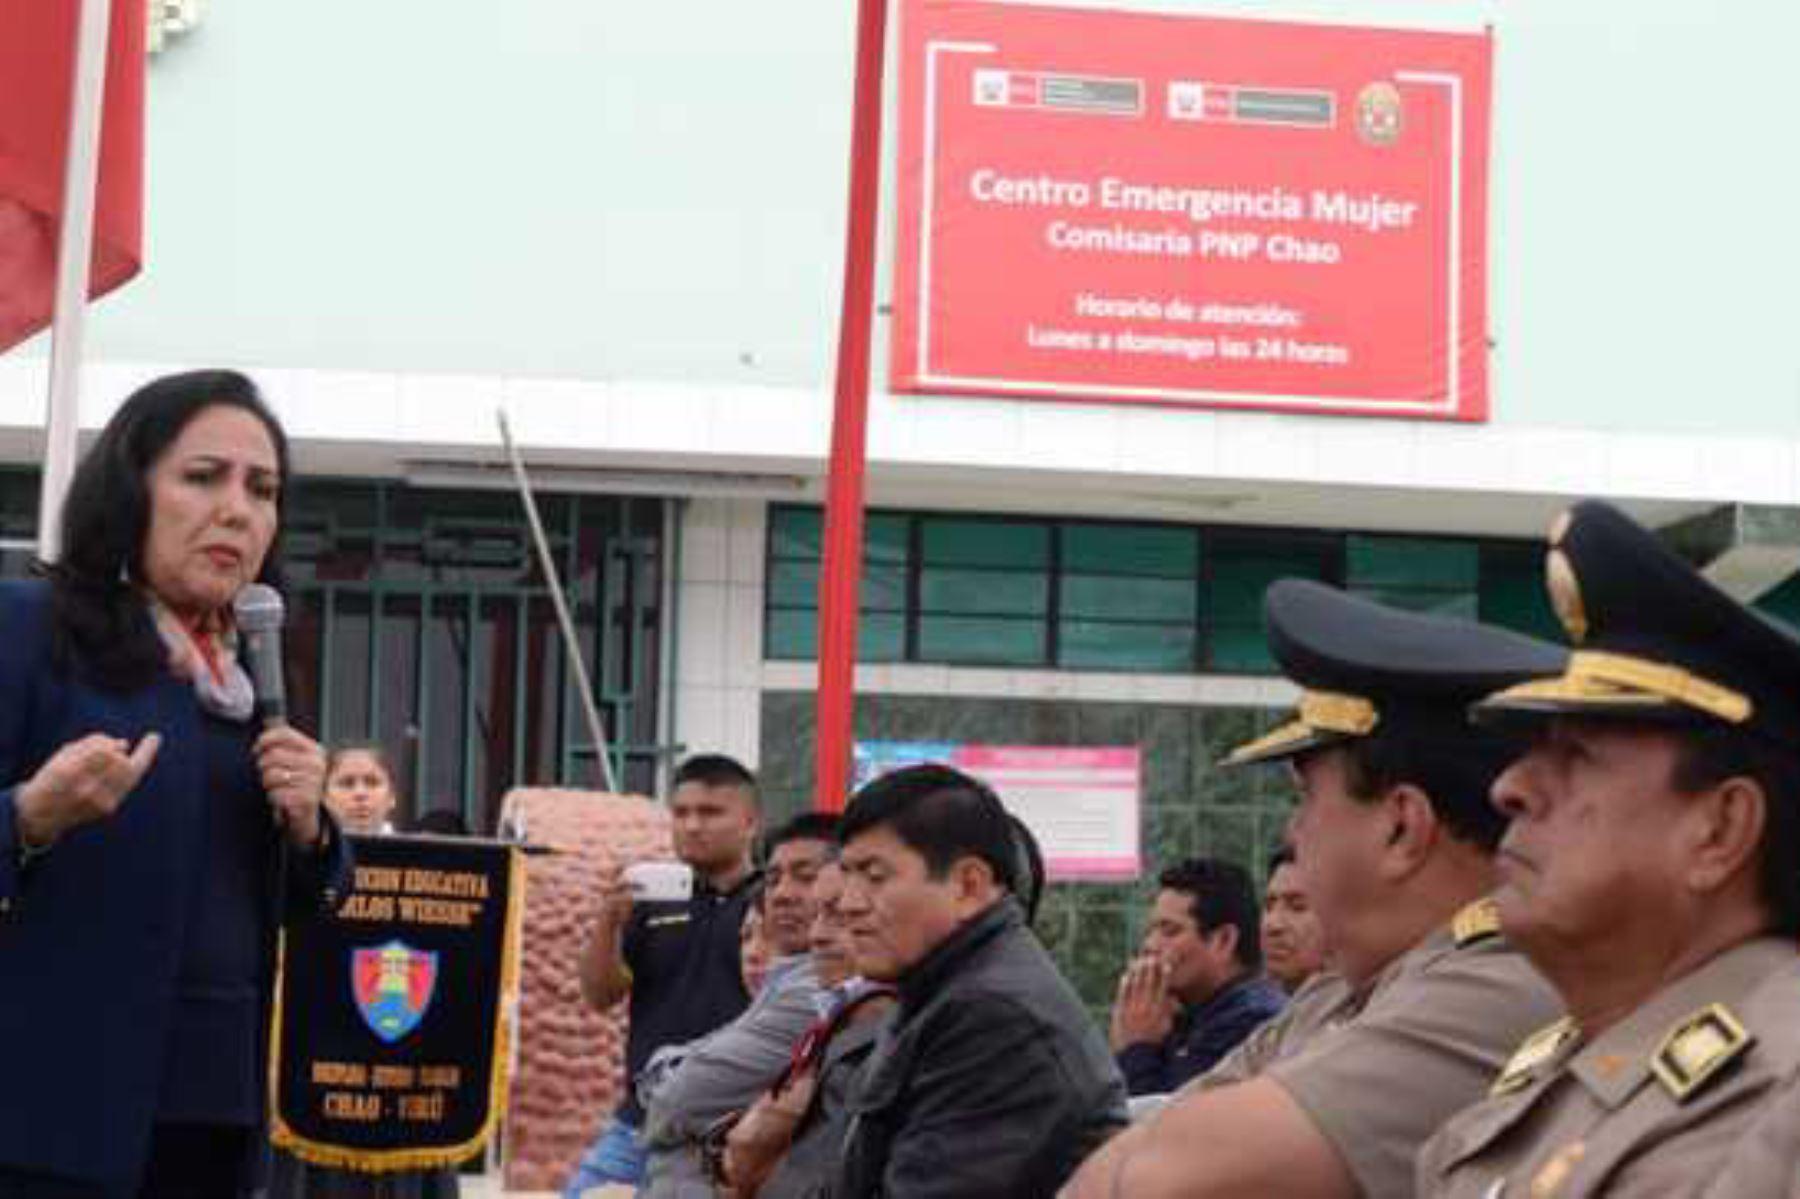 La titular del Mimp, Gloria Montenegro, inauguró el Centro Emergencia Mujer (CEM) en la comisaría rural Chao, en la región La Libertad.